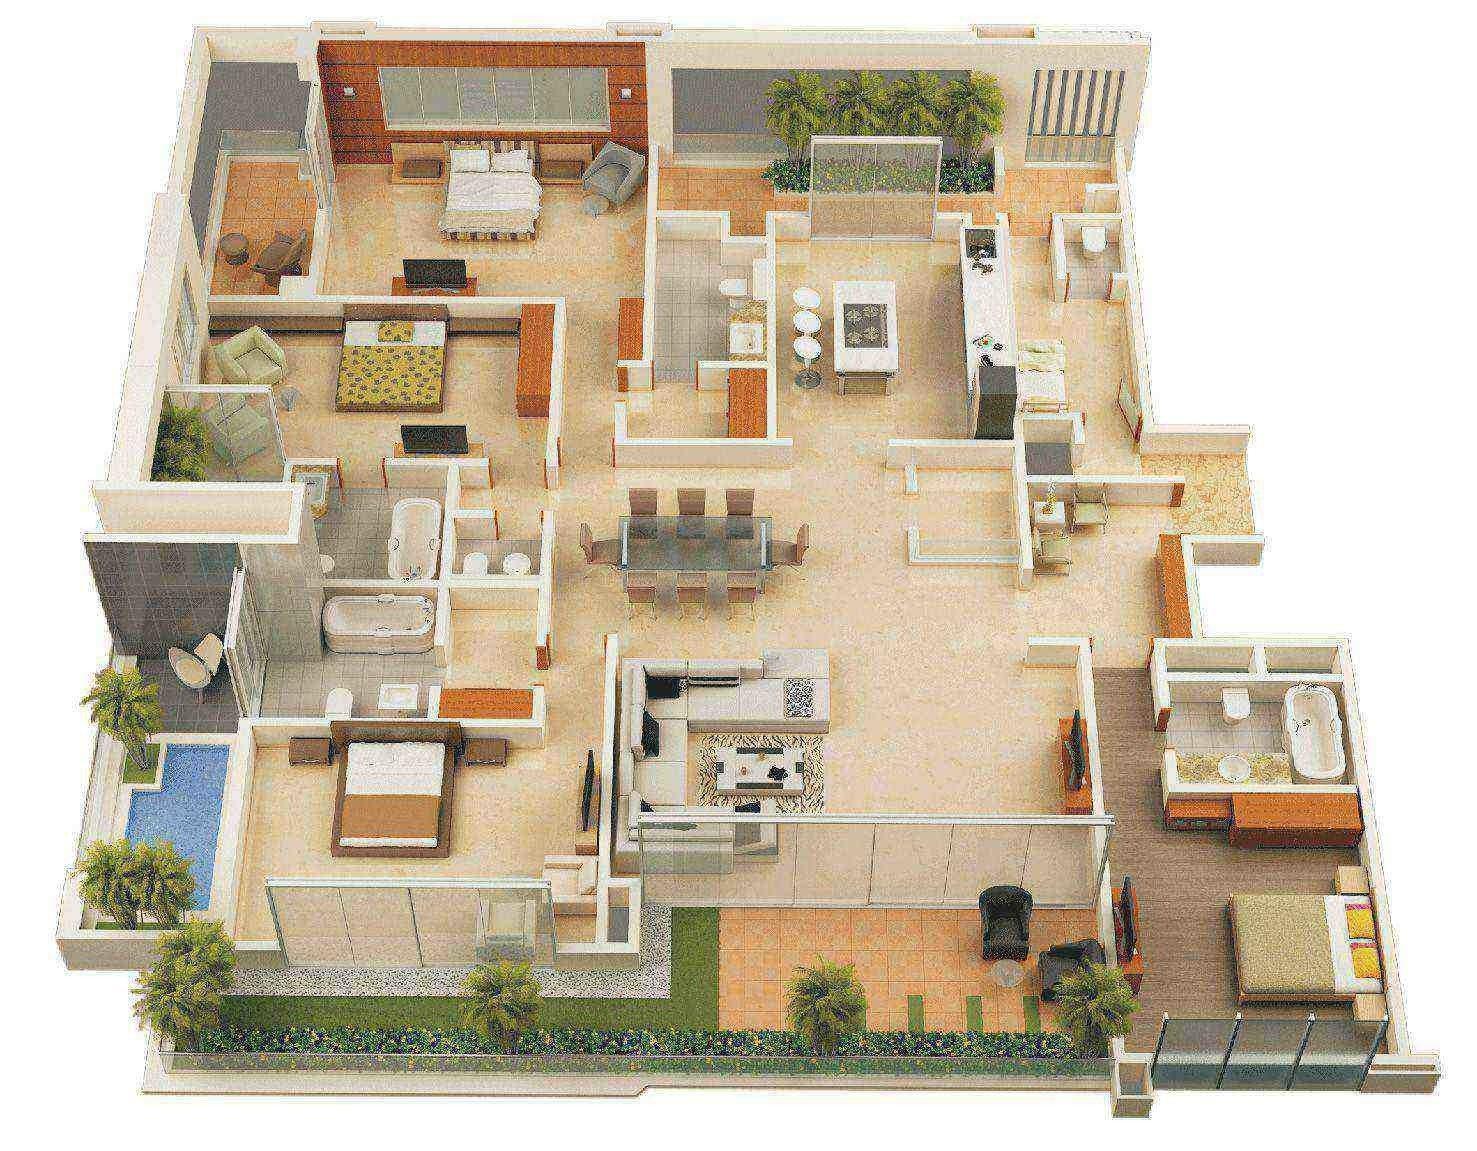 Denah Rumah Sederhana Mewah Desain Gambar Foto Tipe Rumah Minimalis Desain Gambar Foto Tipe Rumah Minimalis